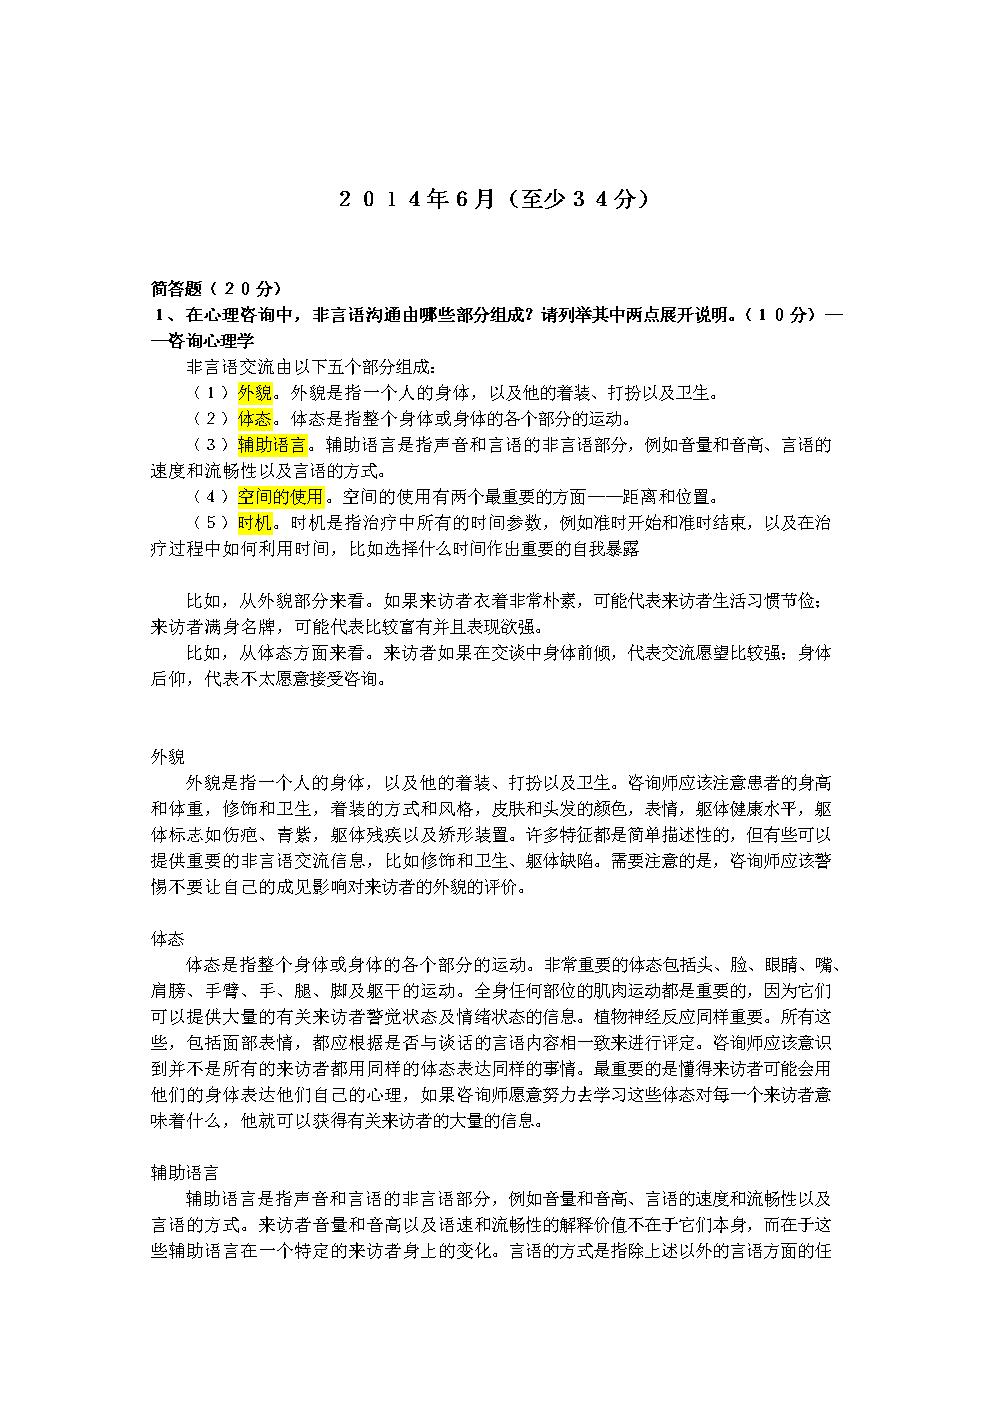 心理咨询师考试三级简答论述真题(09.11-14.6).doc